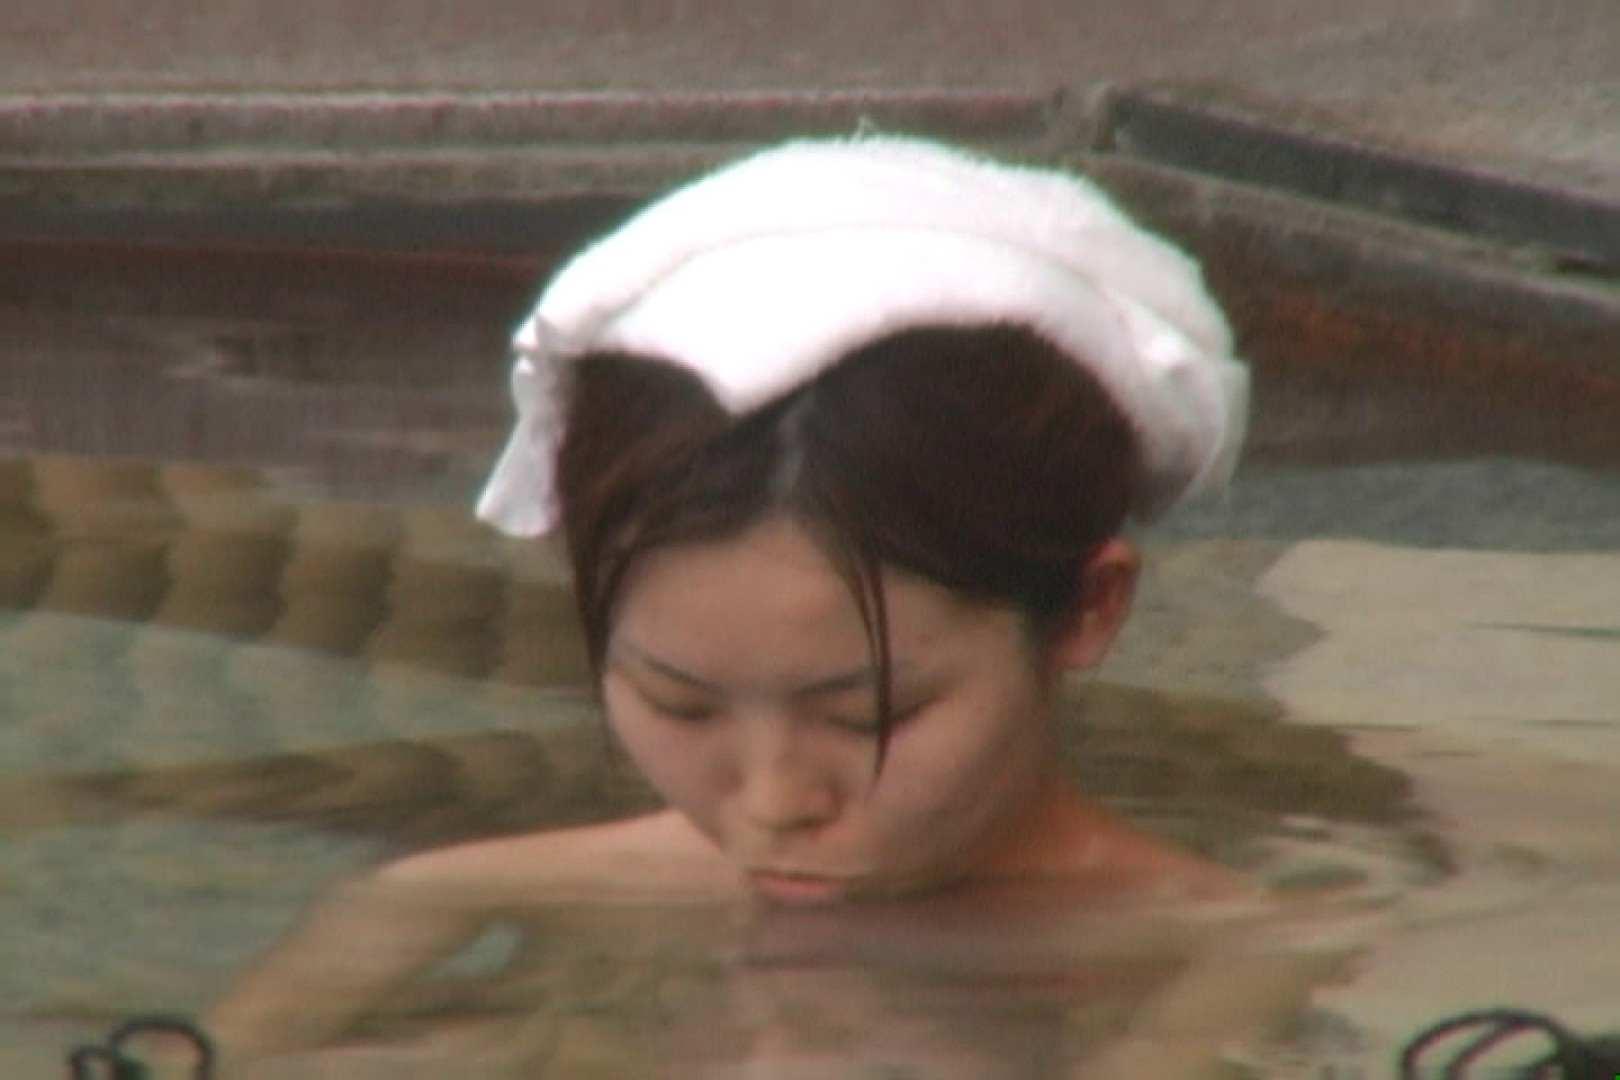 Aquaな露天風呂Vol.580 0   0  103pic 65